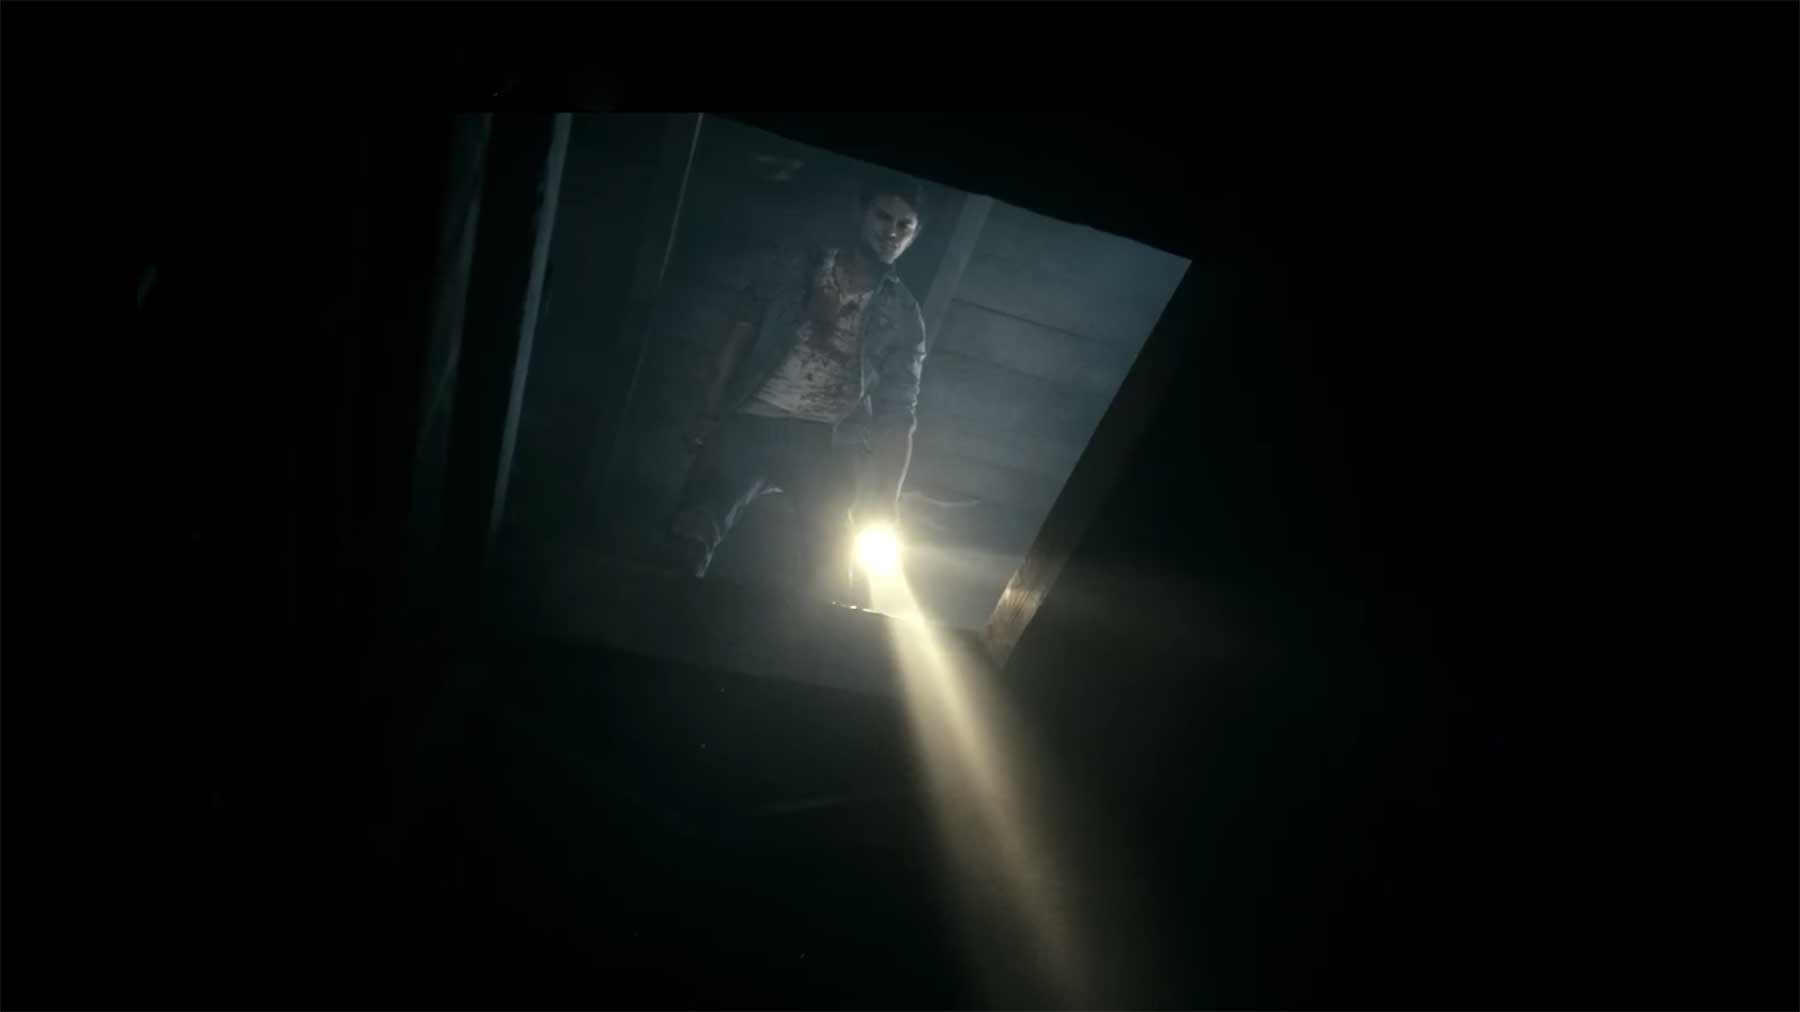 Über den Einsatz von Dunkelheit in Horrorfilmen